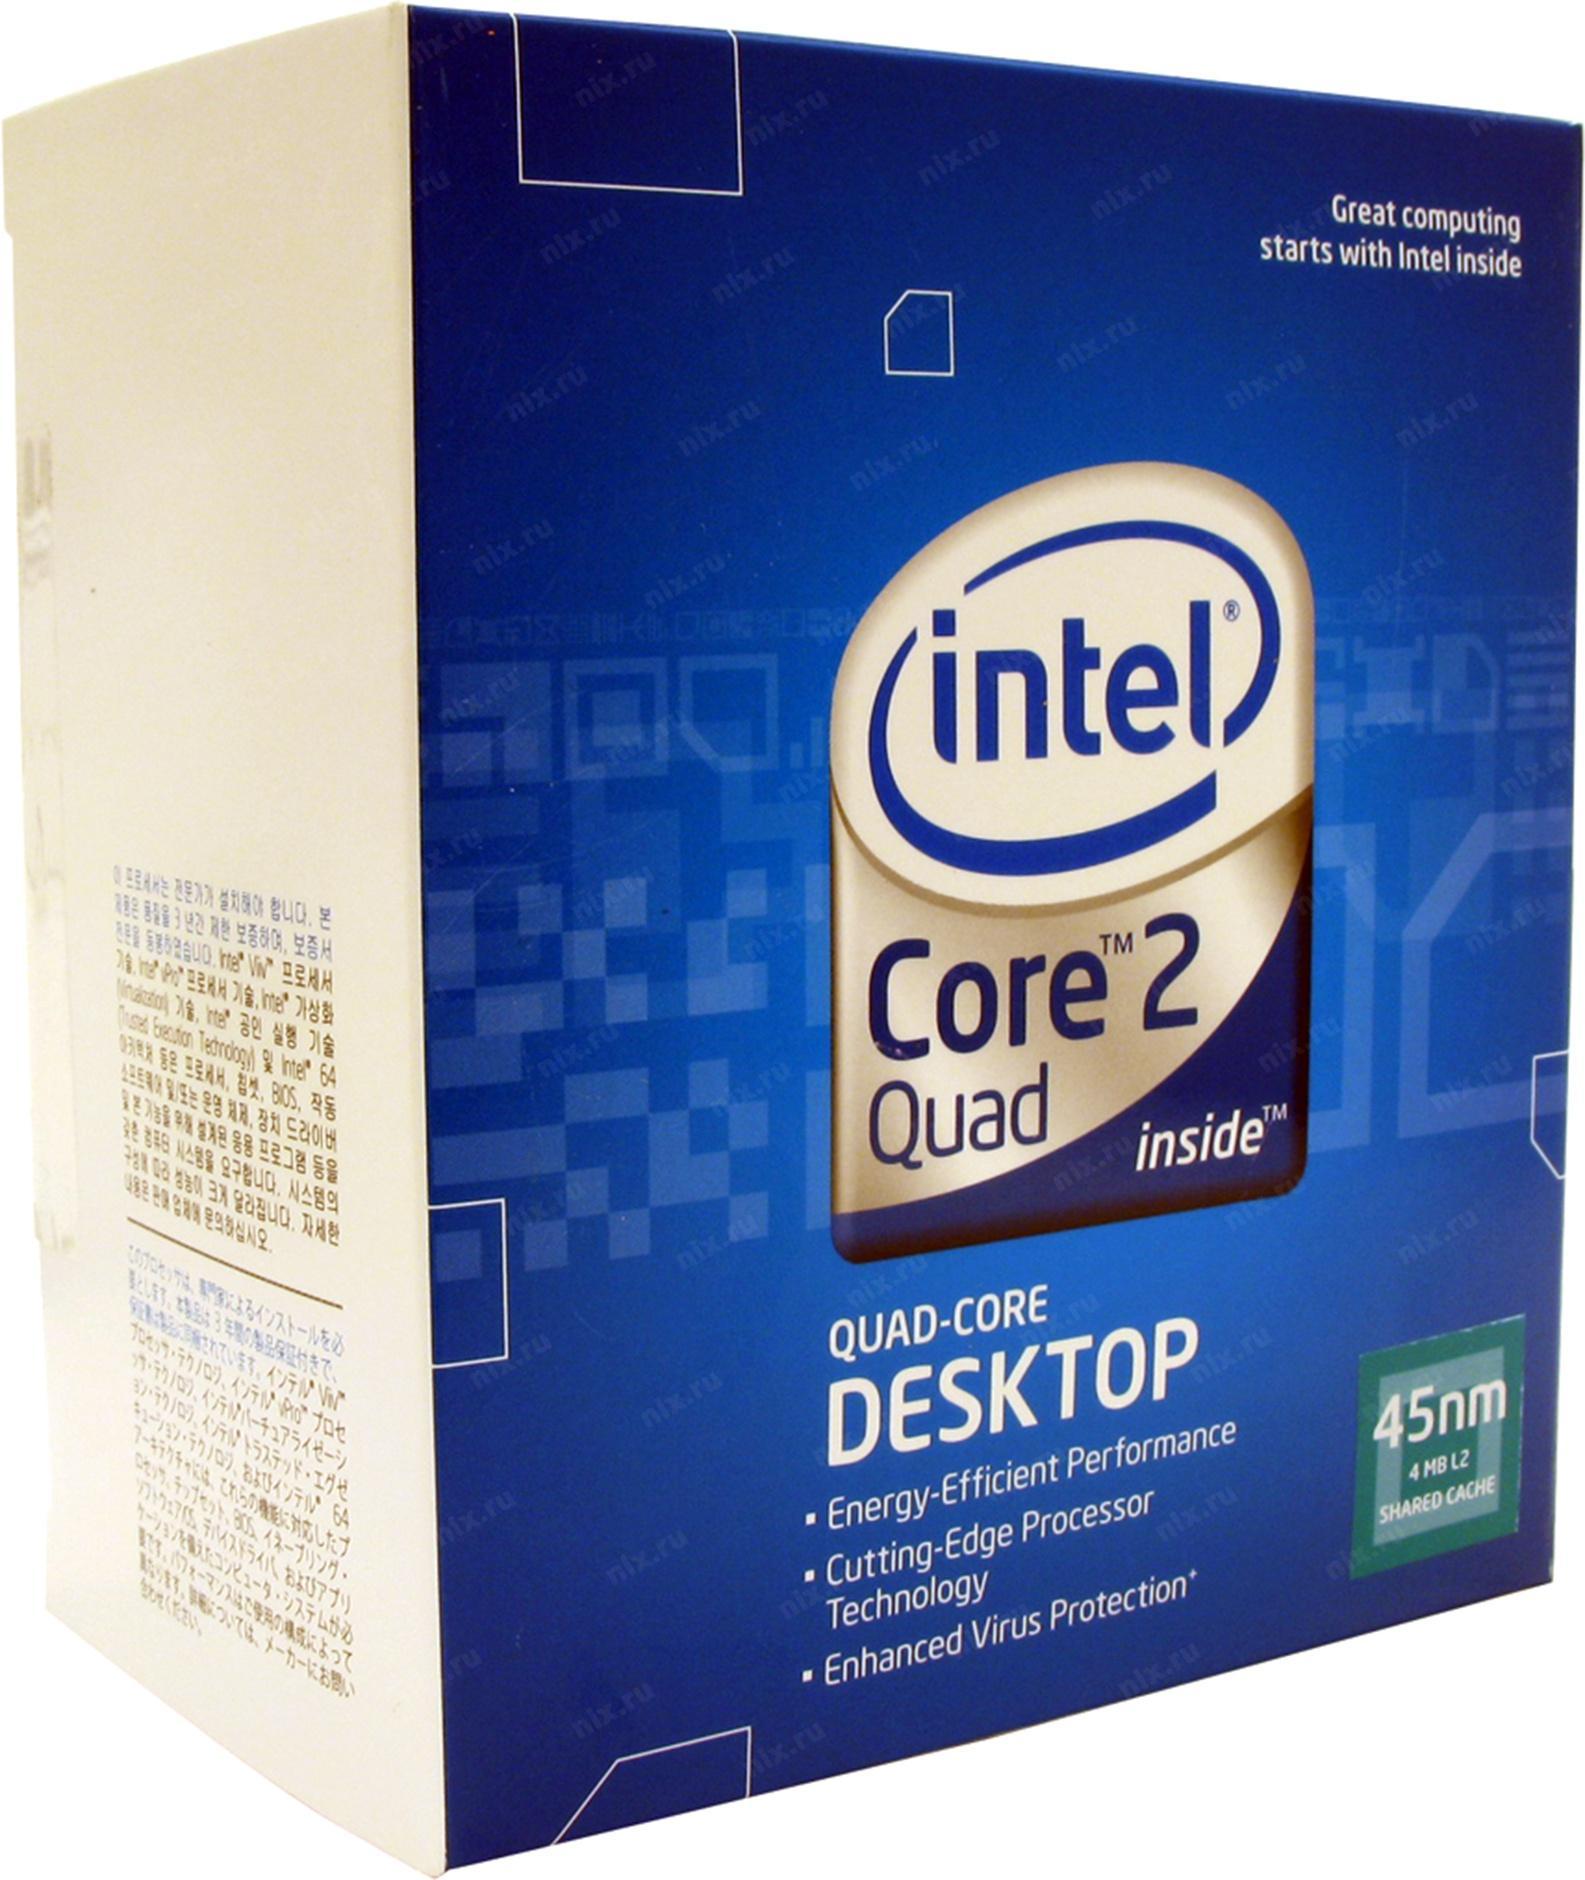 Intel Core 2 Quad Processor Q8200 Procesor Soket 775